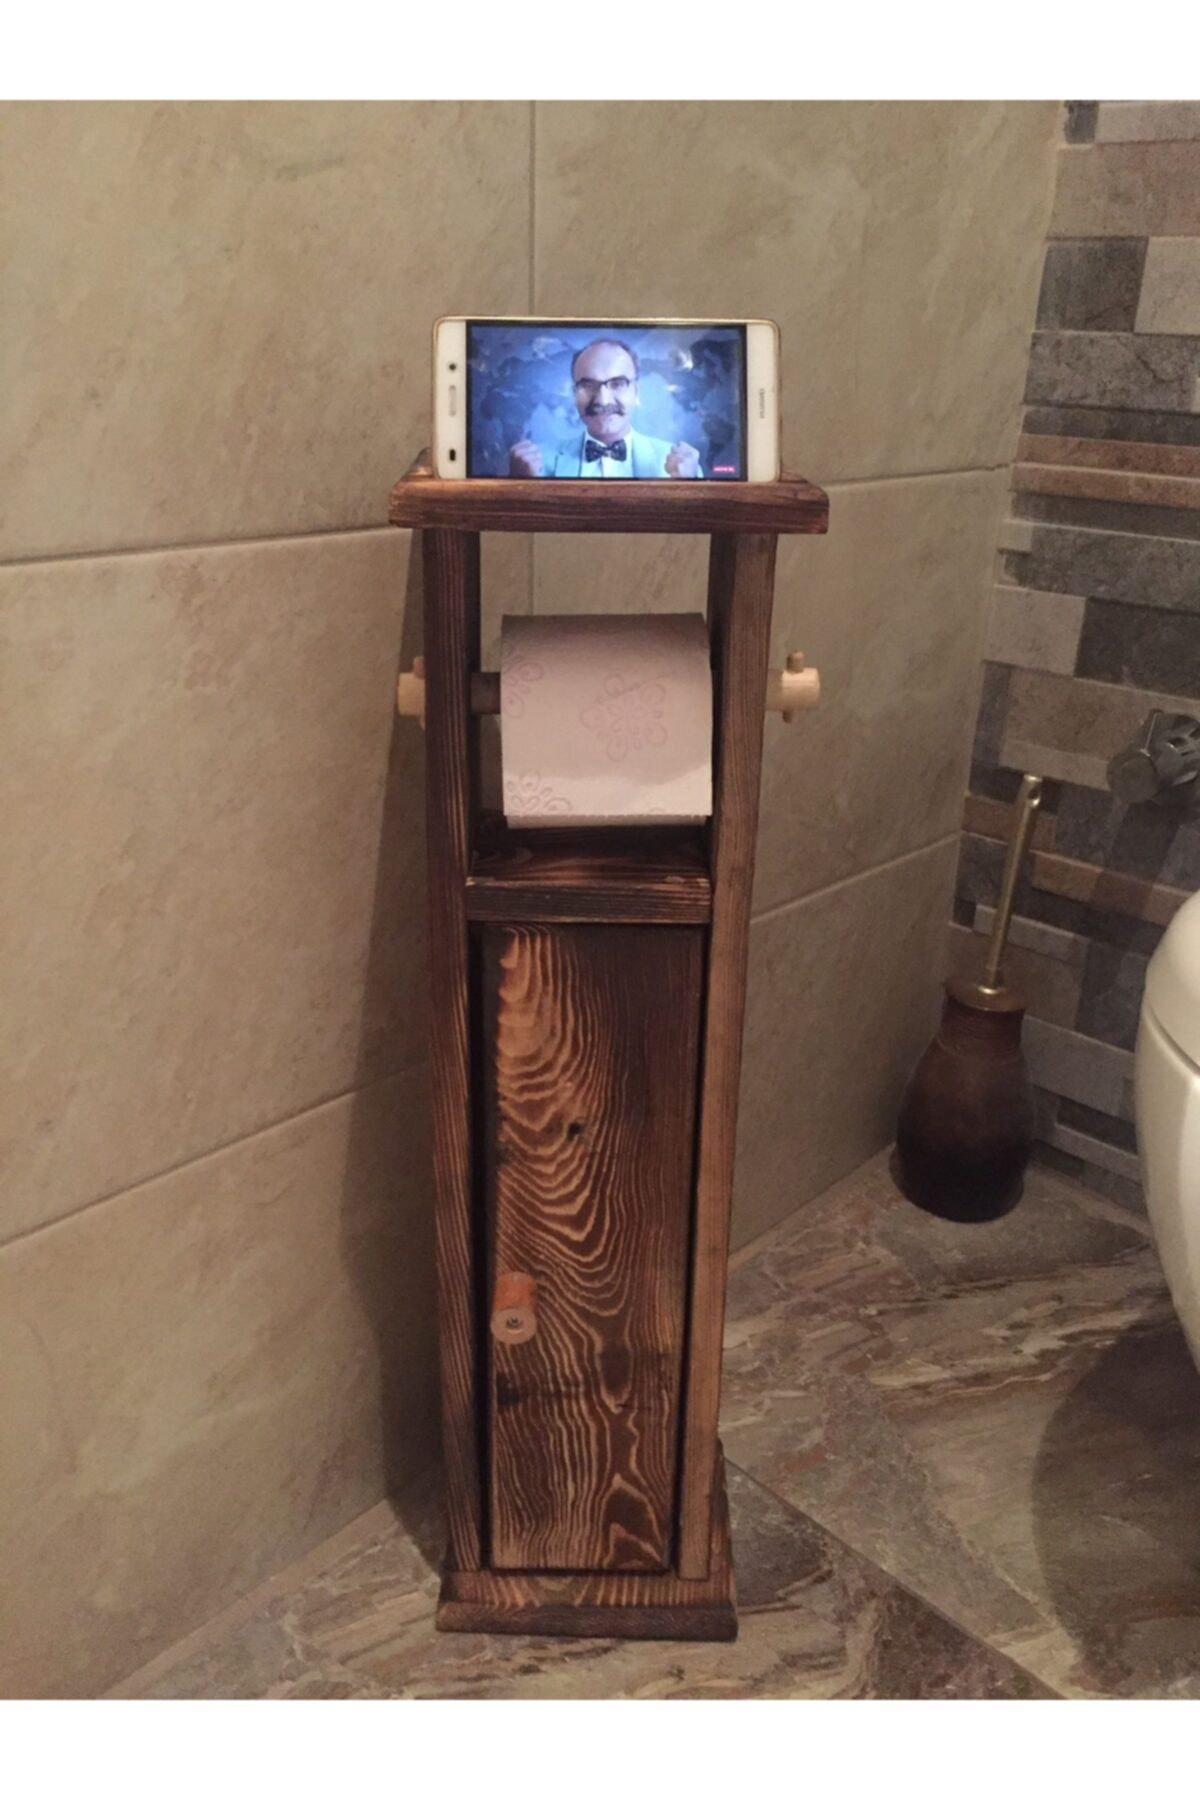 Ahşap Wc Kağıtlık Tuvalet Telefon Tutucu Standı Özellikli Banyo Kağıtlık